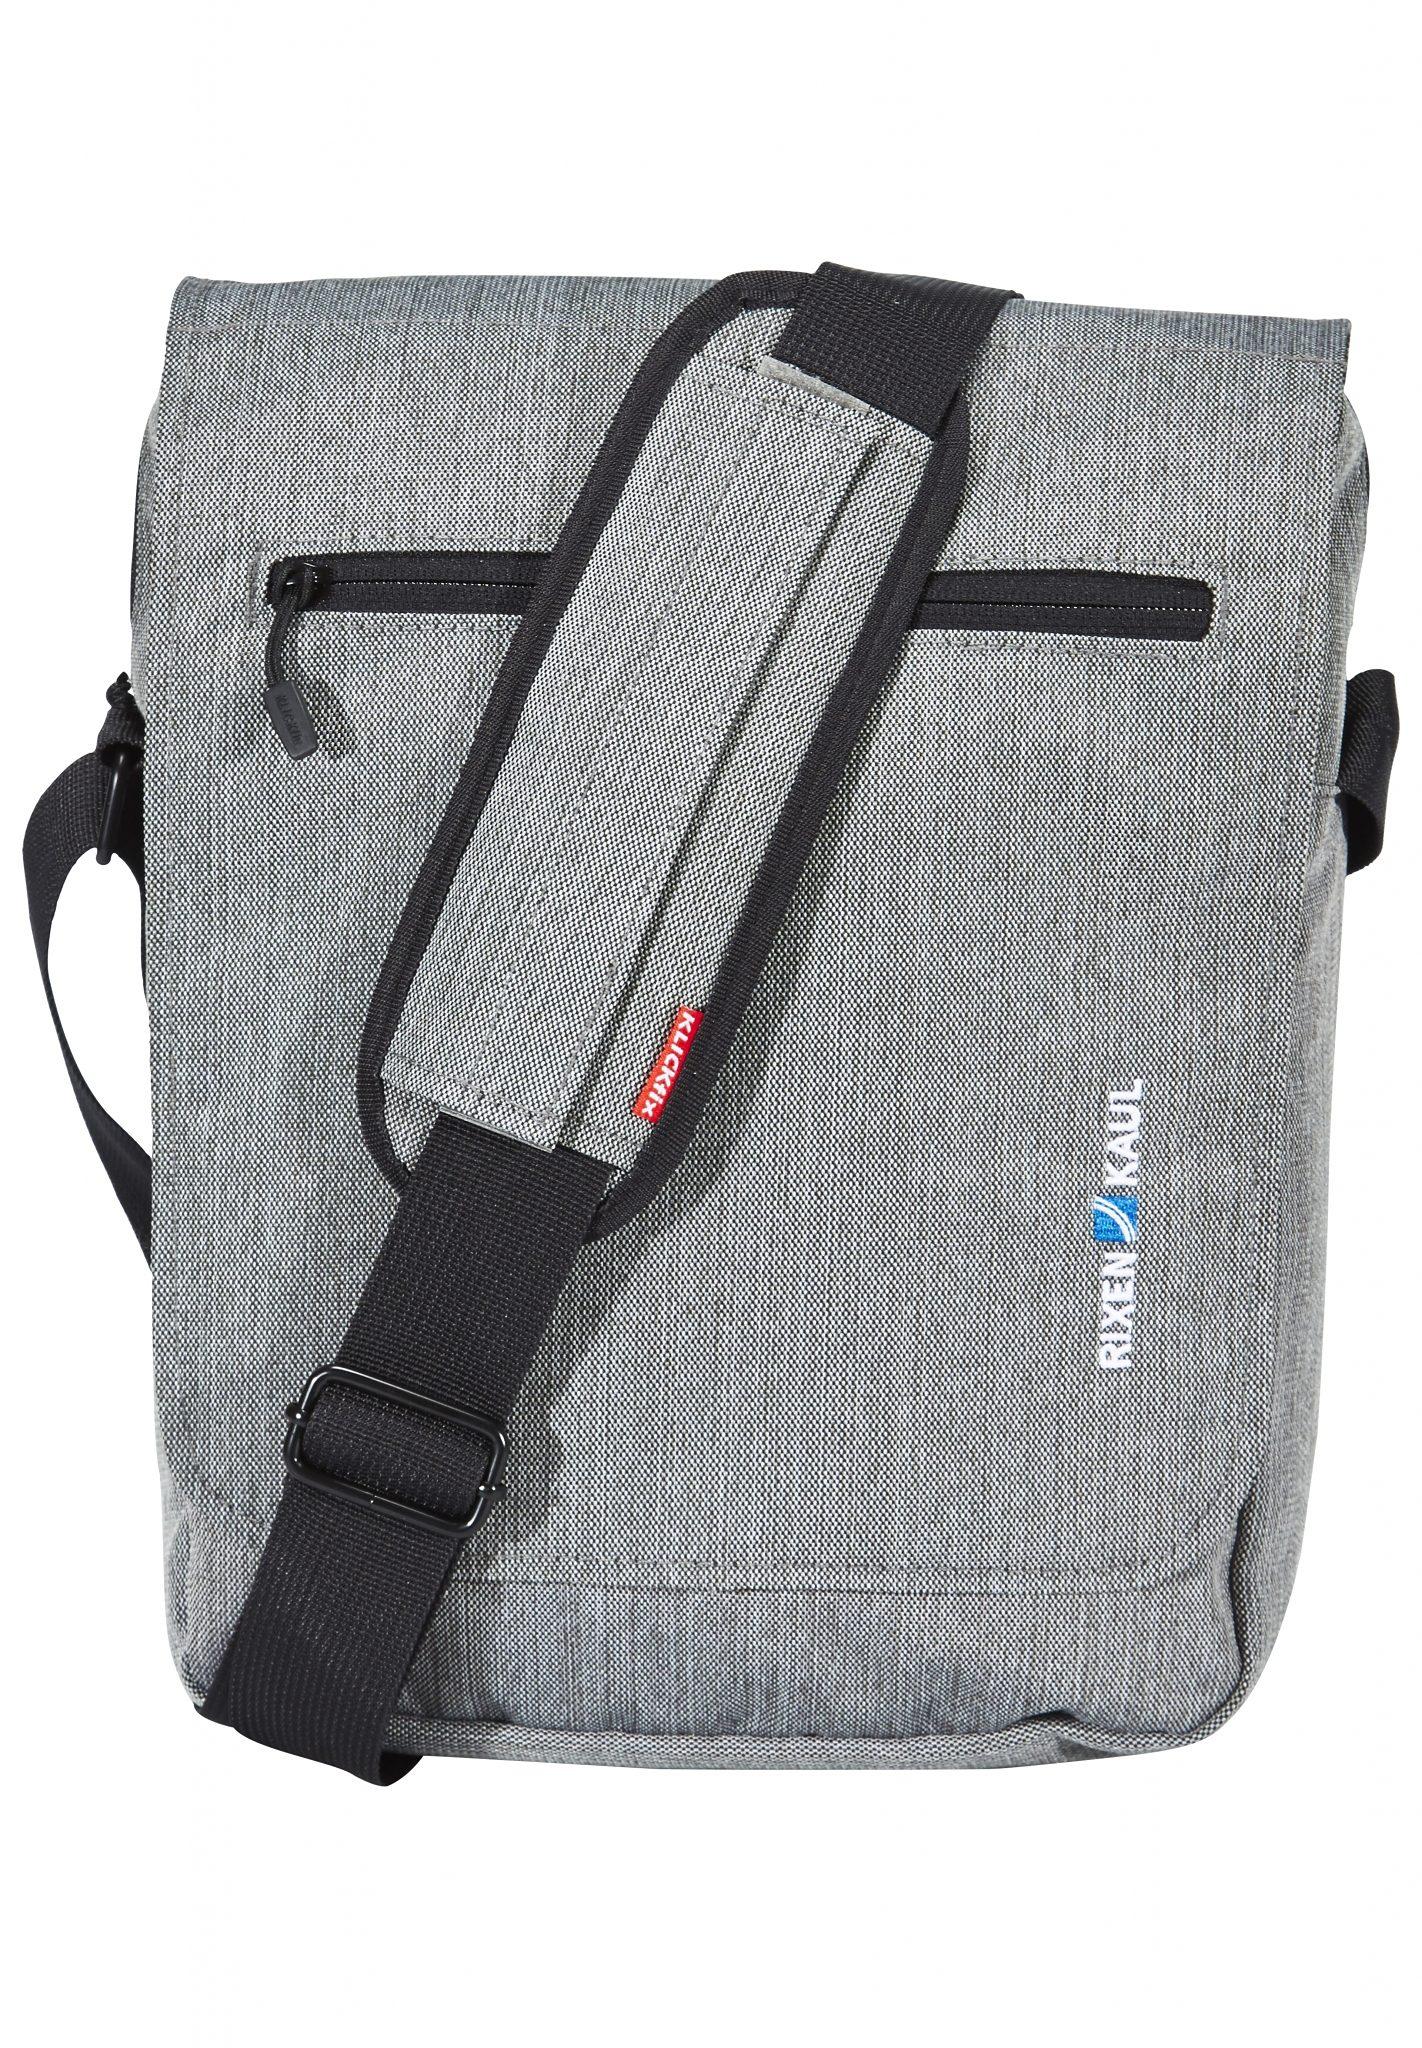 KlickFix Fahrradtasche »Smart Bag Lenkertasche grau«